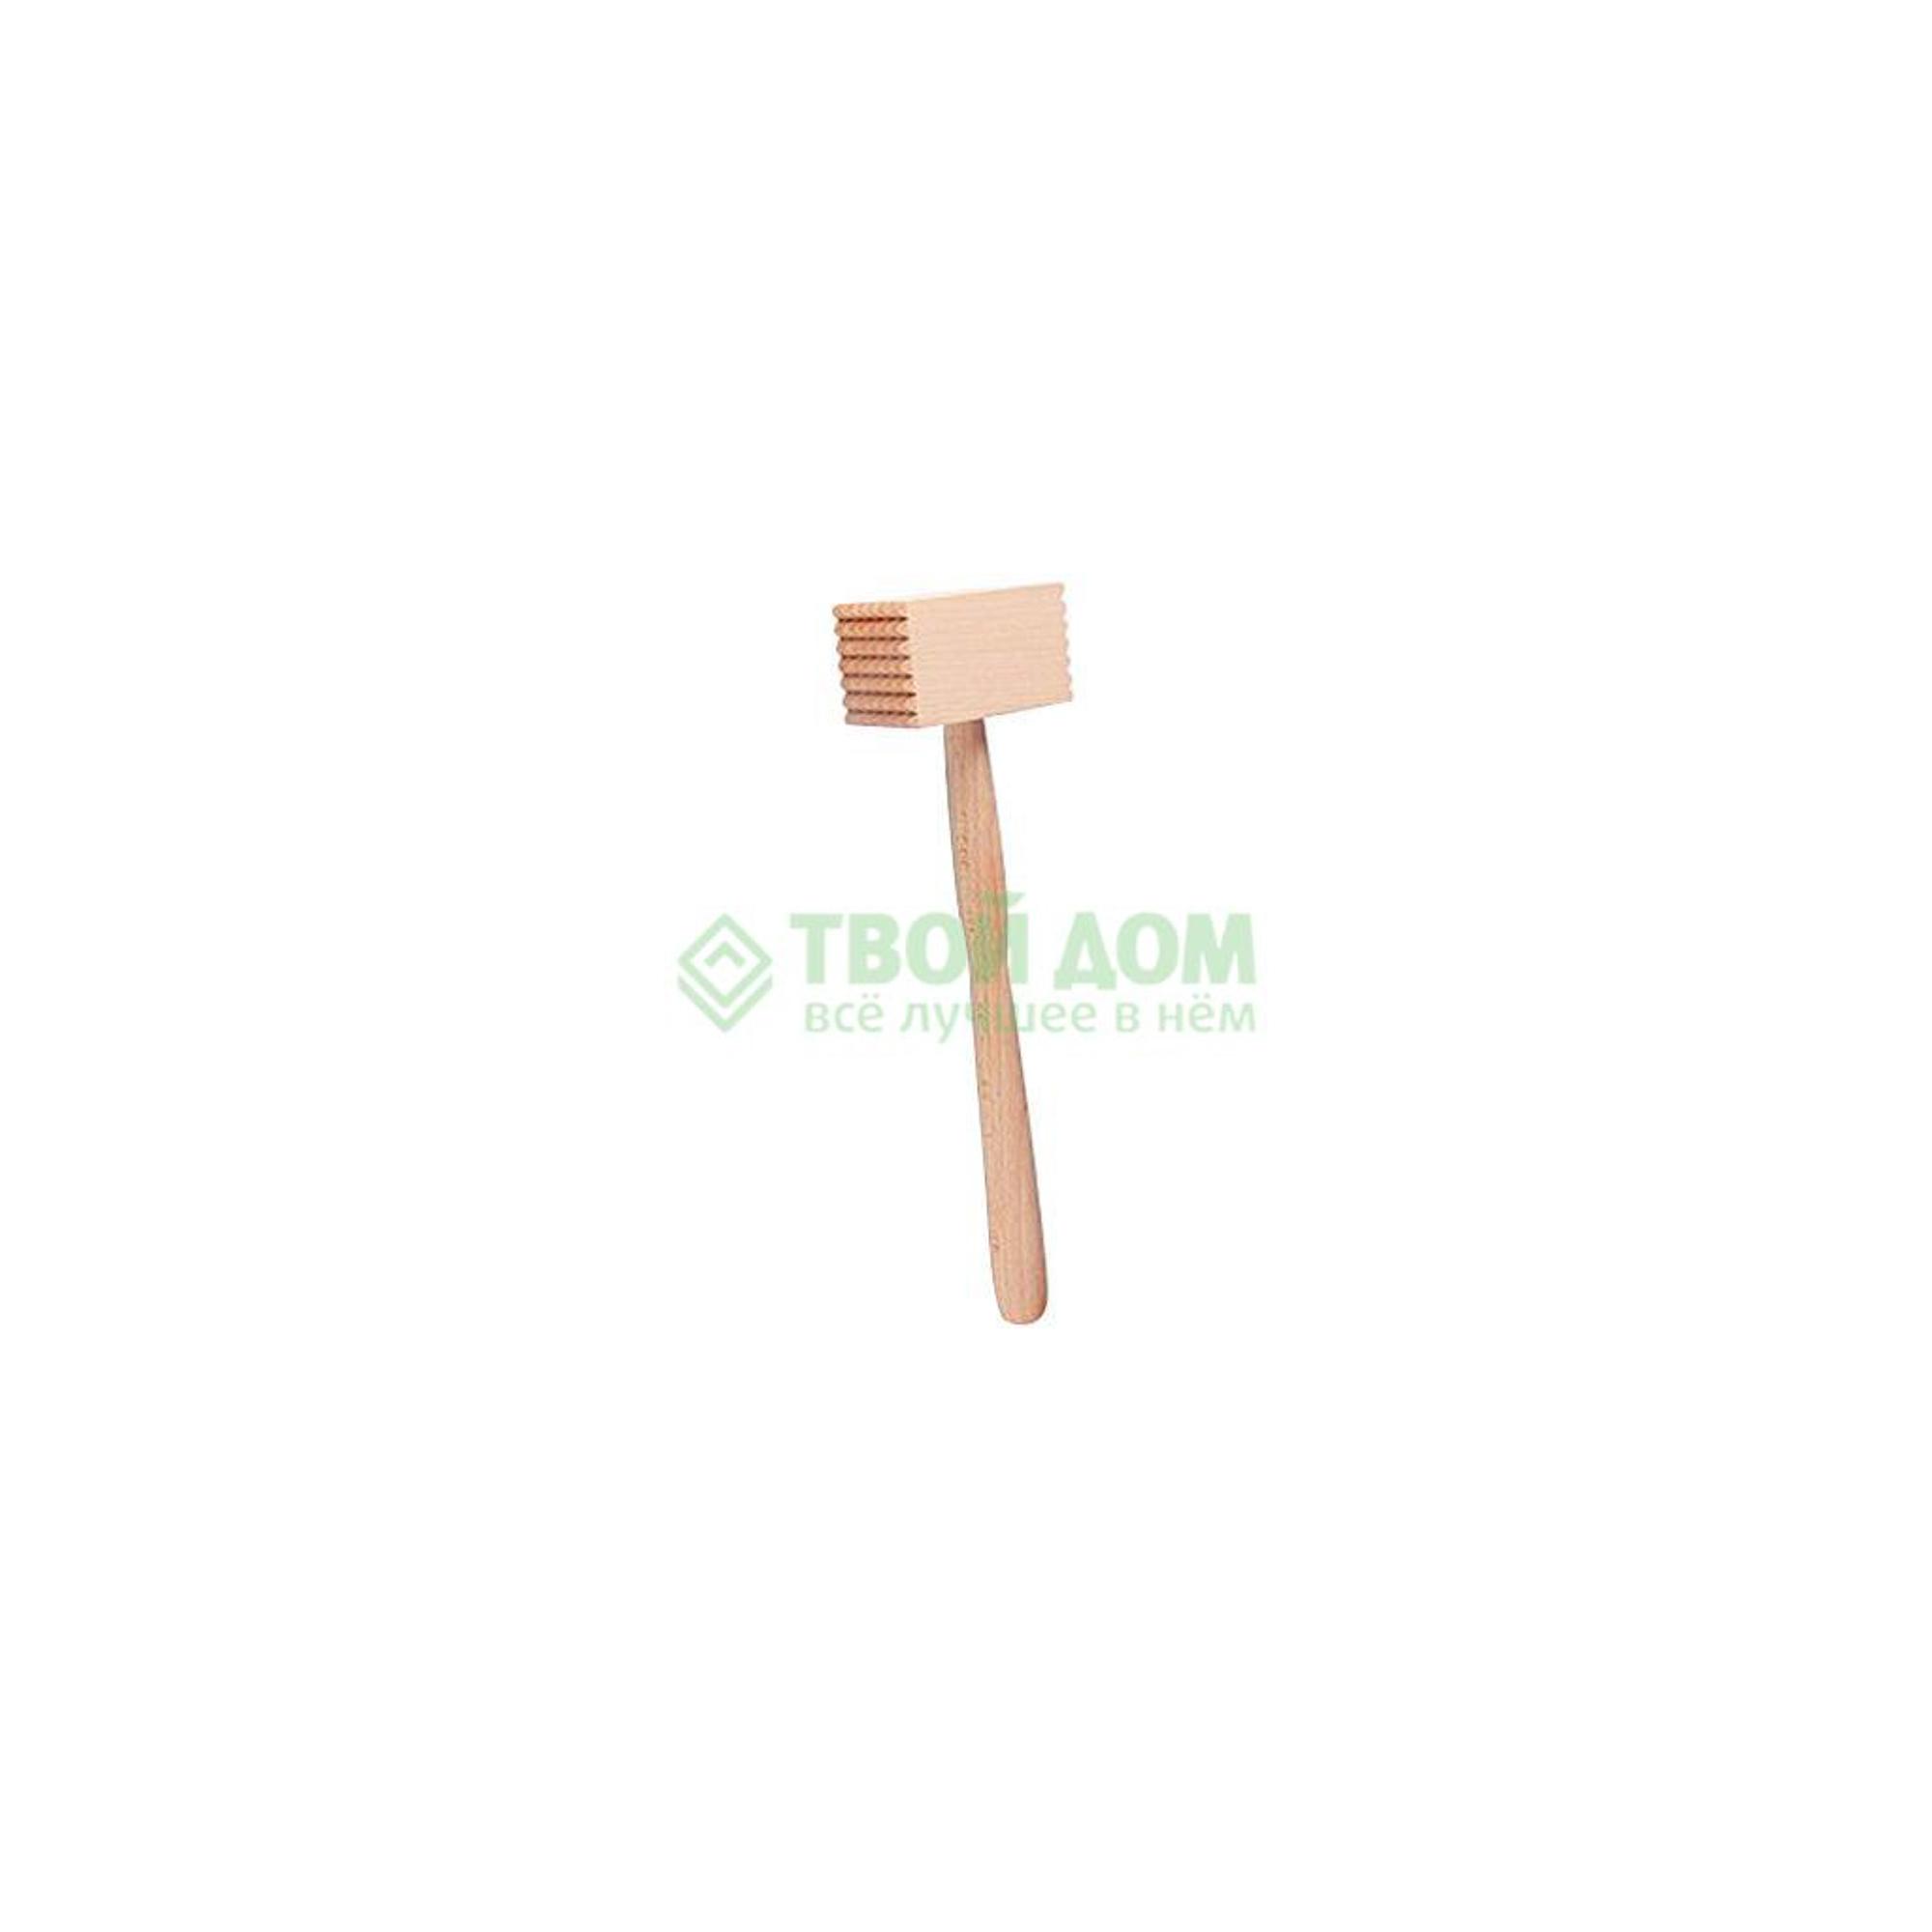 Молоток для отбивания мяса Fackelmann дерев 32см (31420/45031420) молоток для отбивания мяса 17см leo